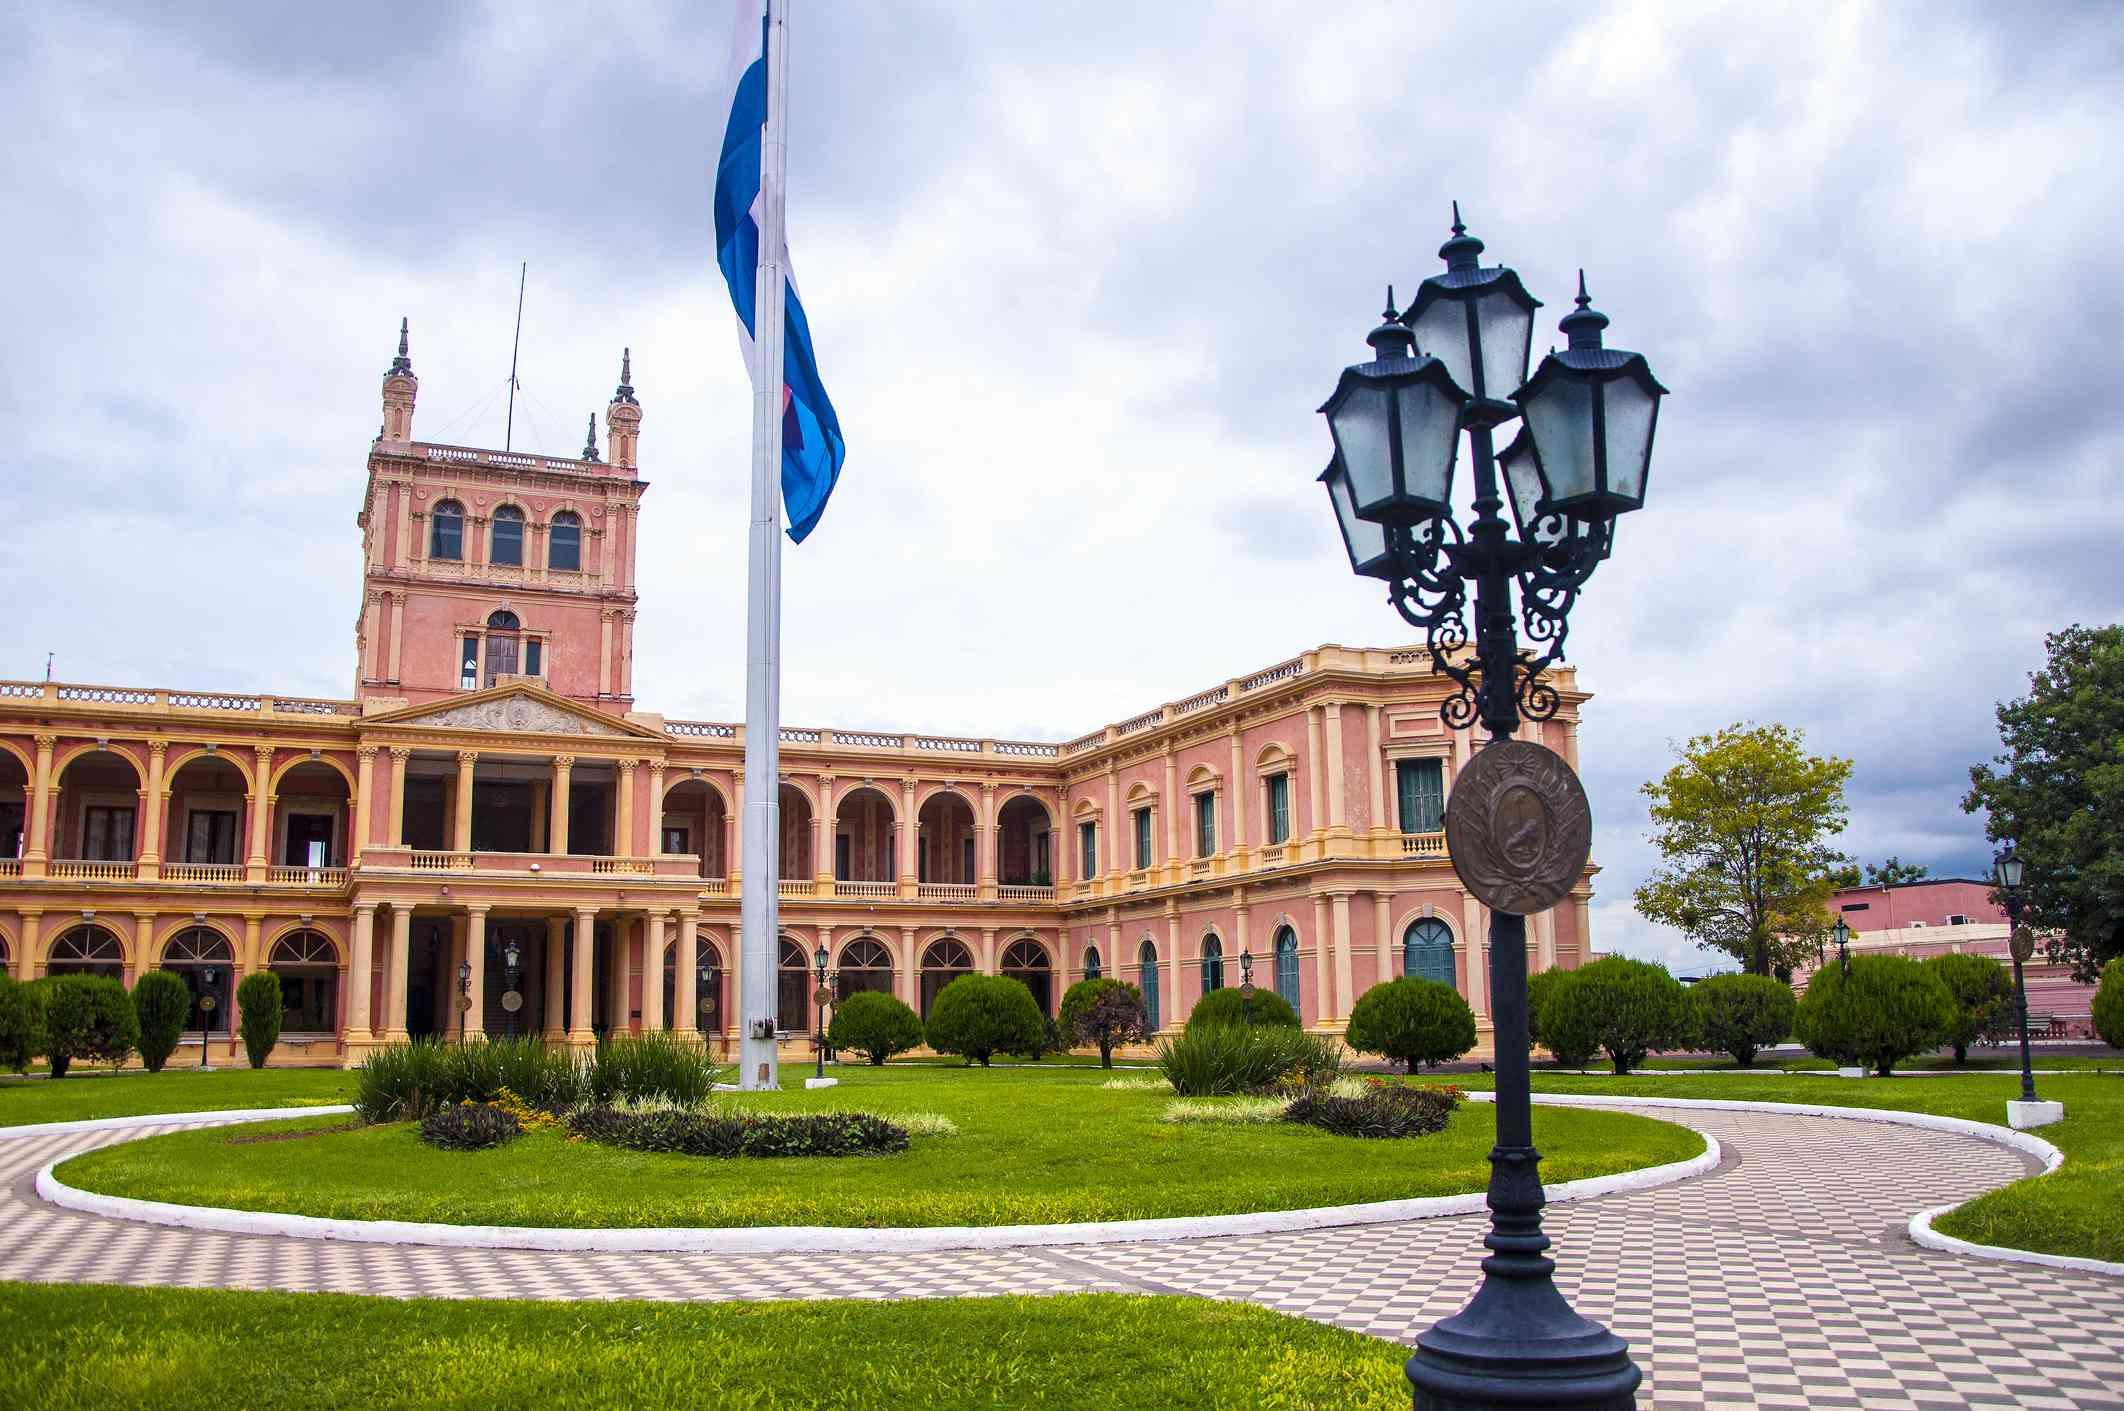 Vista exterior del Palacio de los López (Palacio de Gobierno). Asunción, Paraguay.